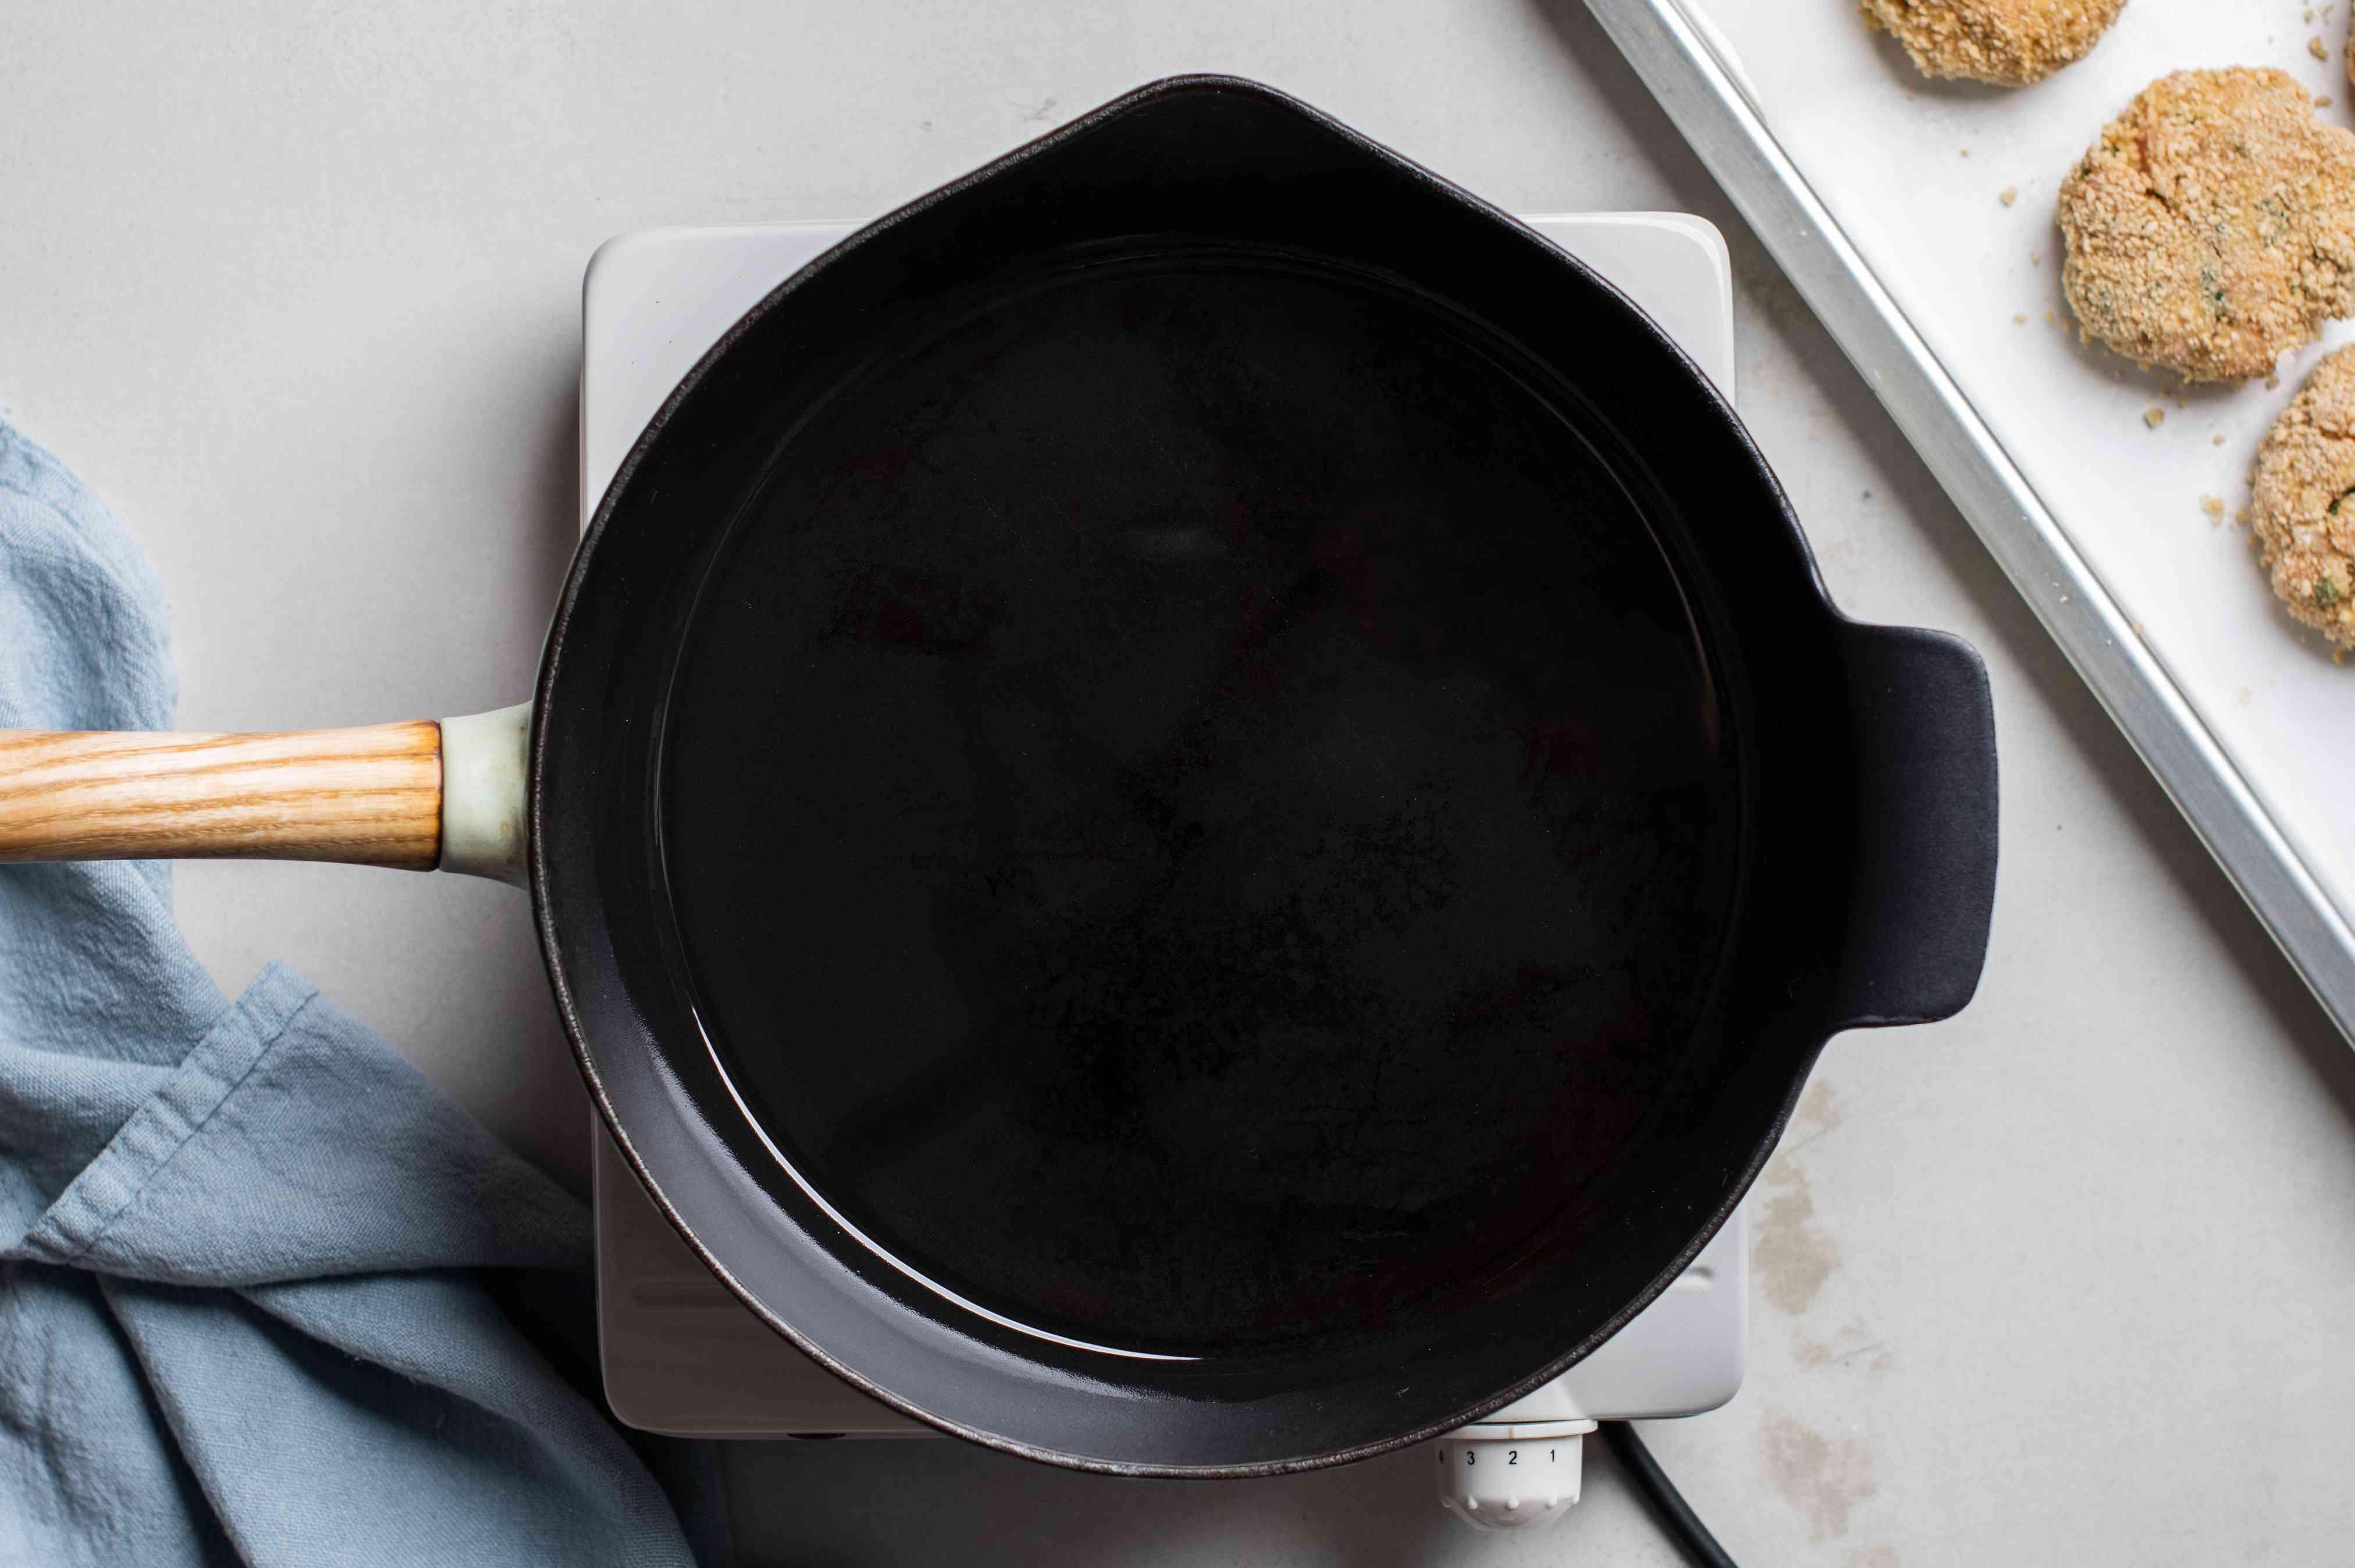 Oil in a pan